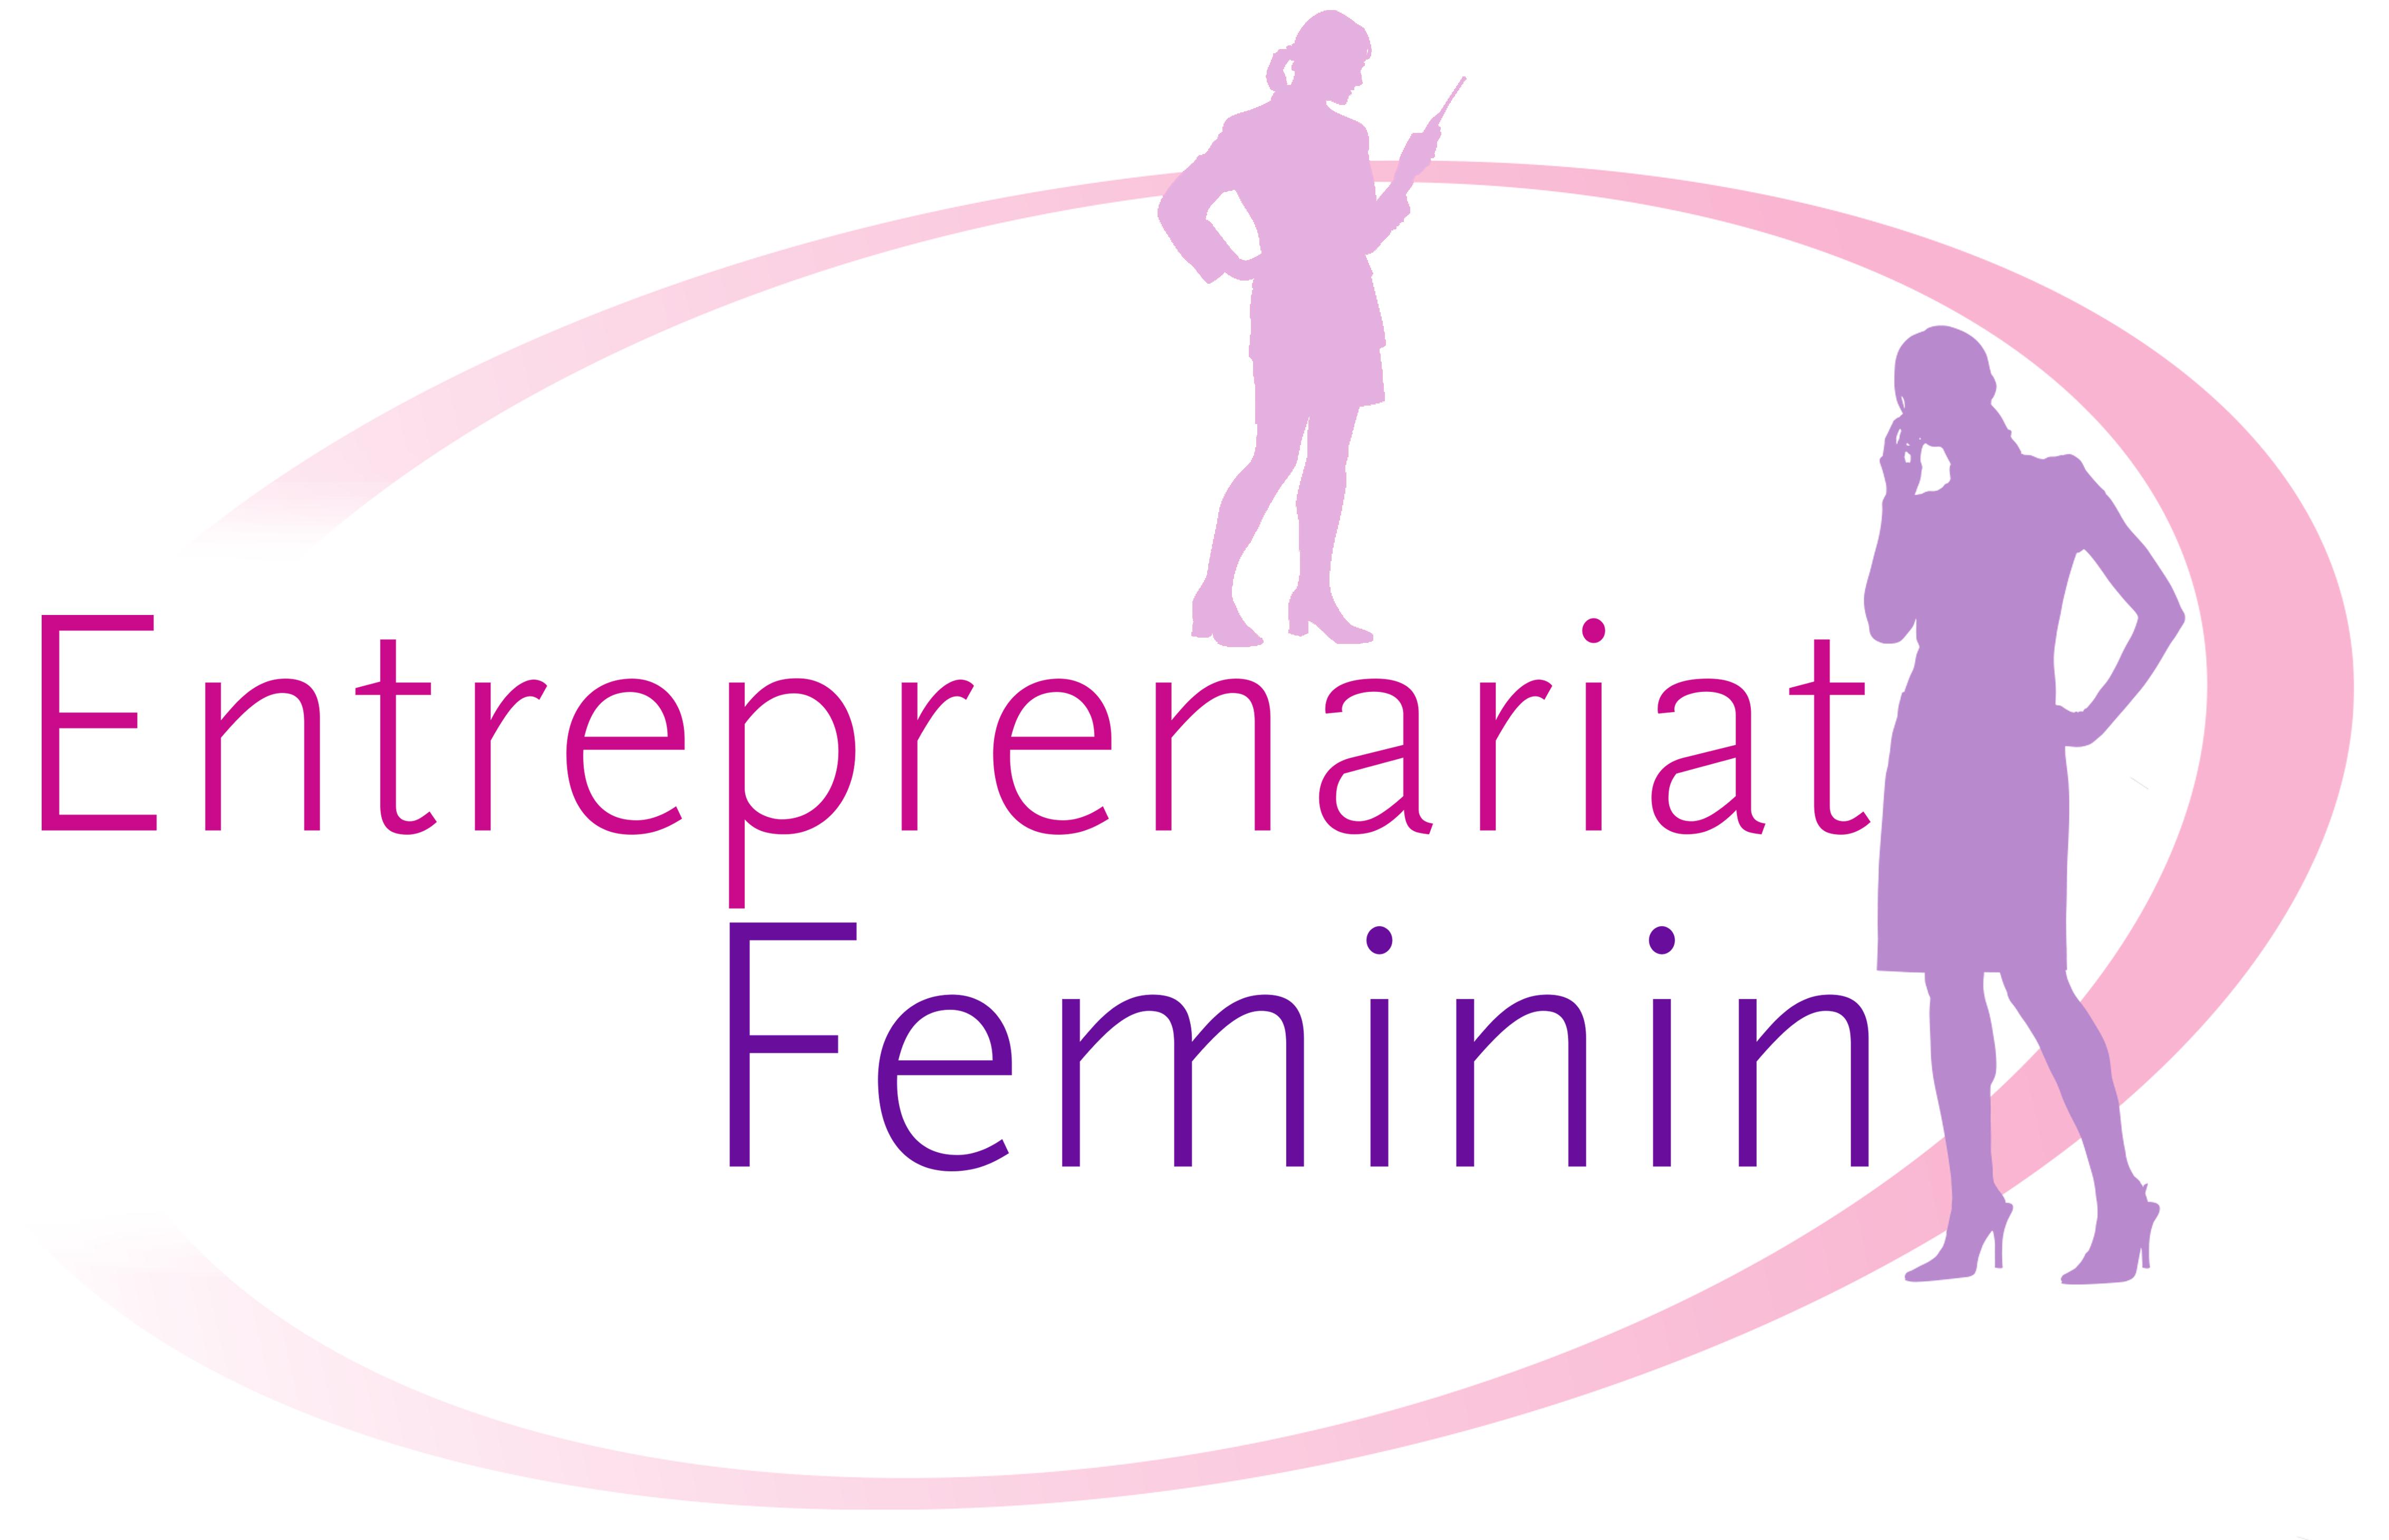 Maroc : Des réflexions pour booster l'entrepreneuriat féminin